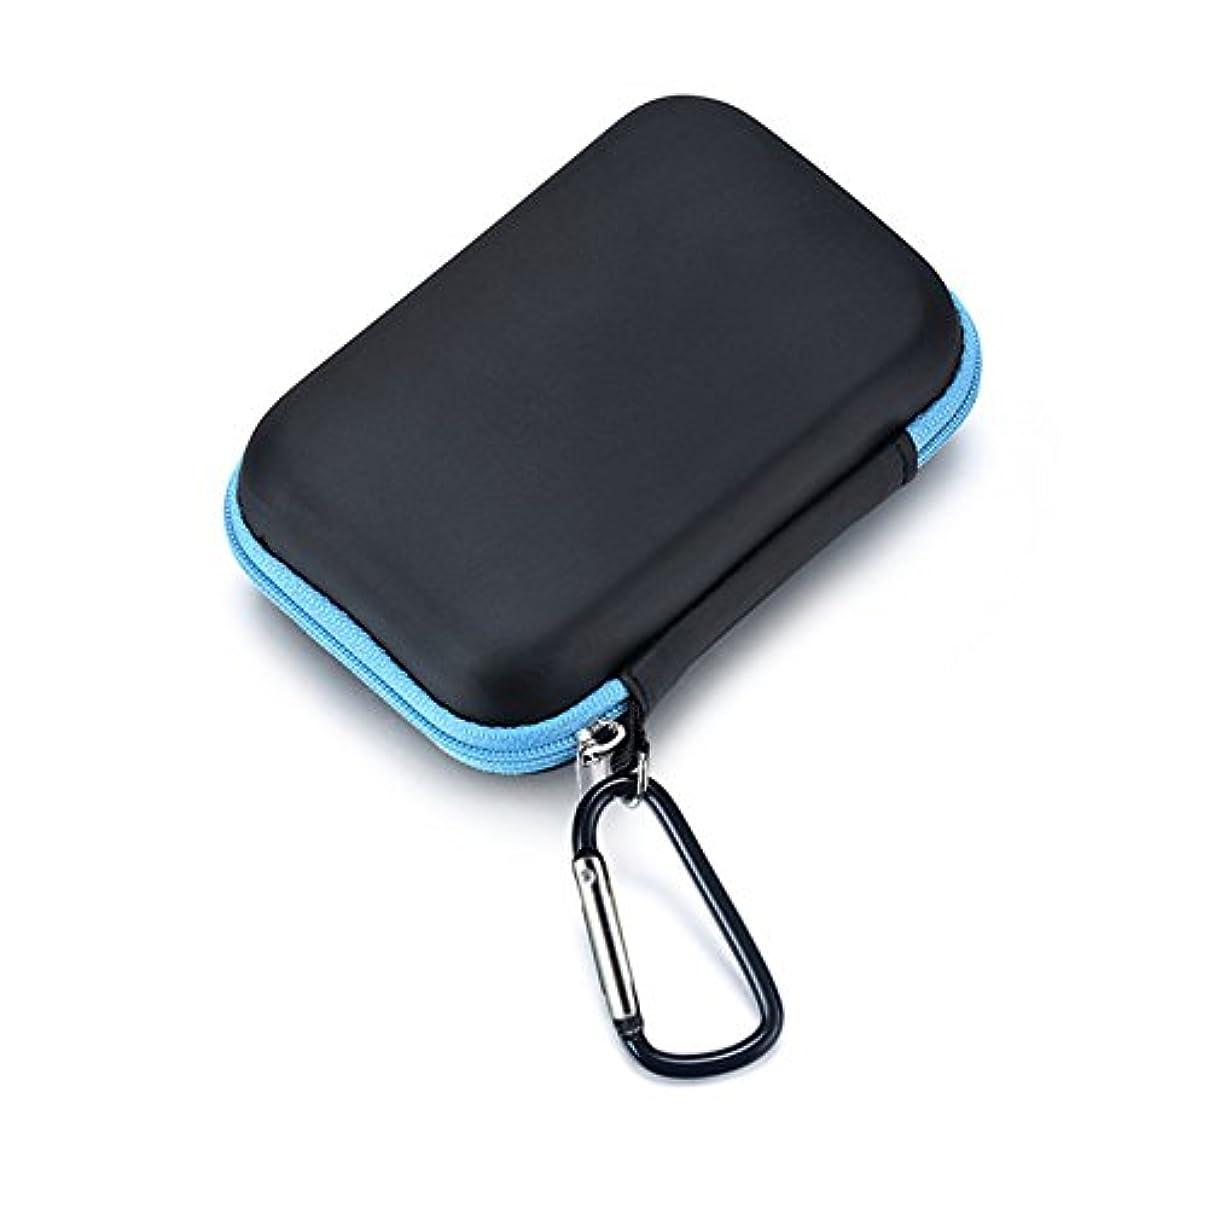 煩わしい中で任命するQIN エッセンシャルオイル収納ケース 精油ケース 化粧ポーチ 携帯用化粧バッグ メイクボックス 精油 ケース ミニボトルケース 13.5 * 8.5 * 4.5cm 15本用